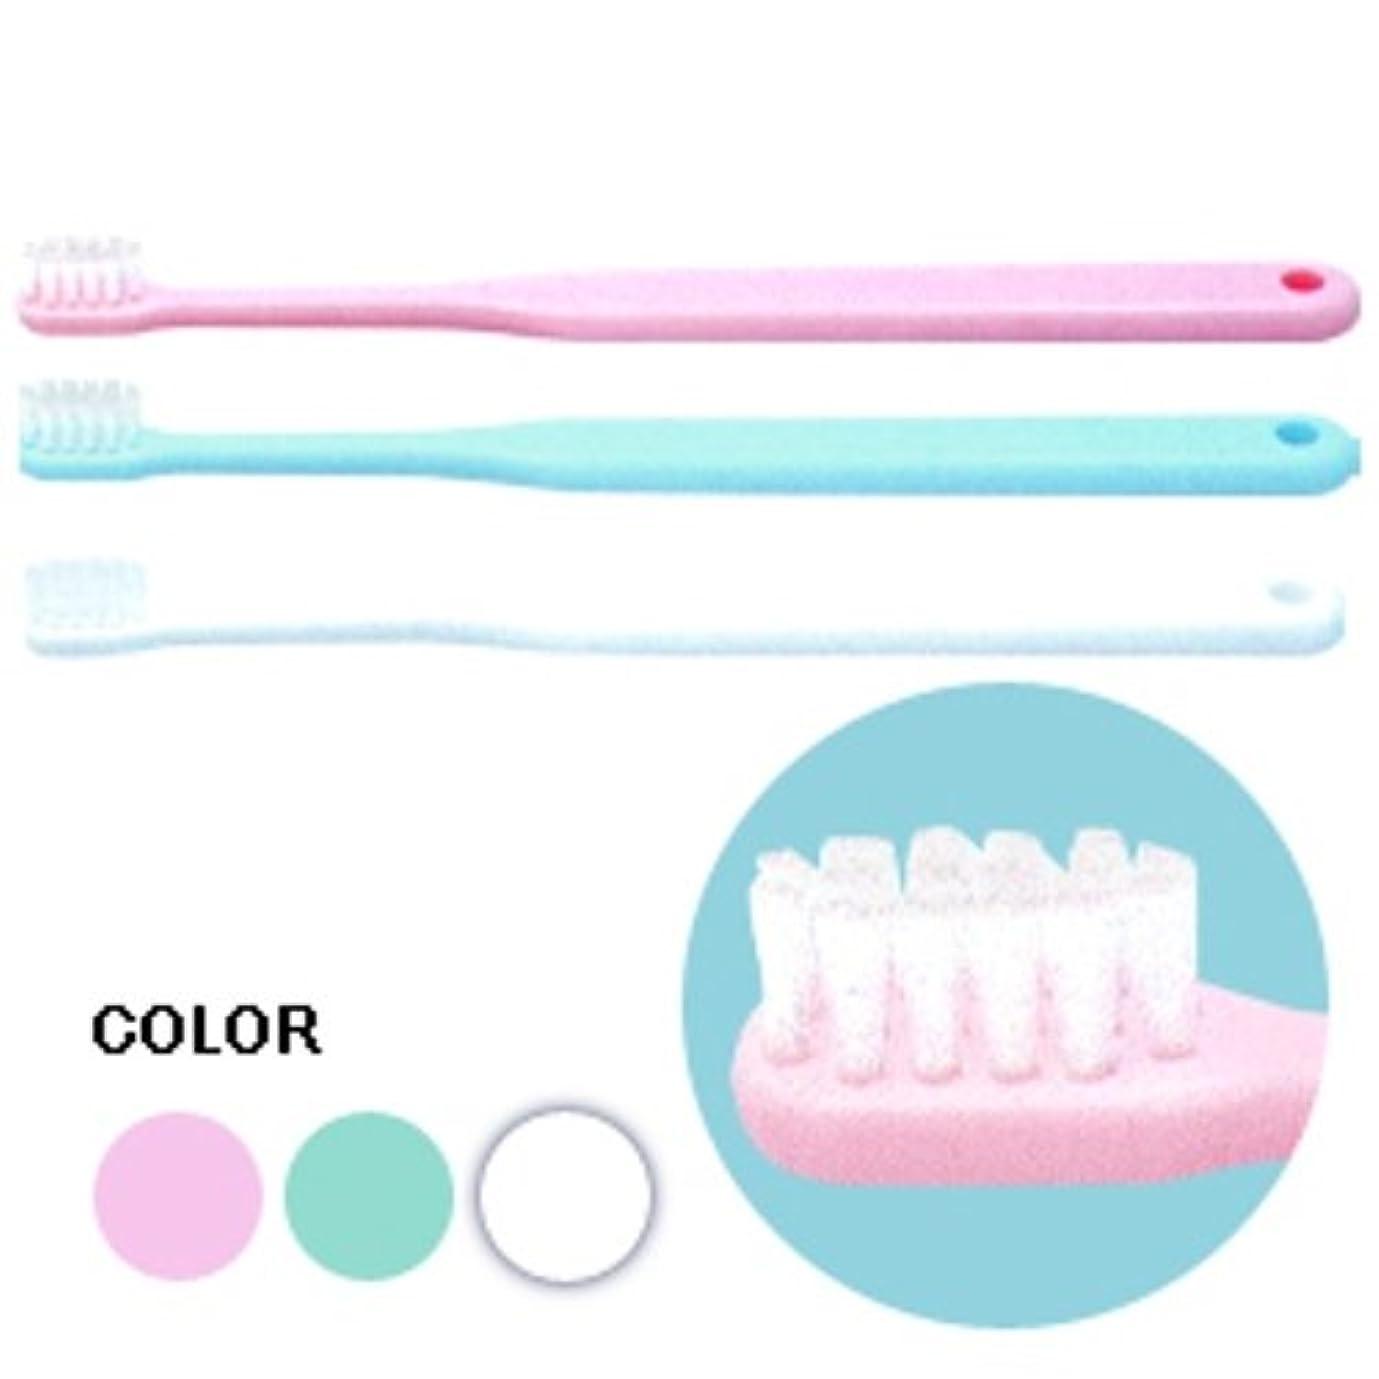 Ciメディカル 歯ブラシ Ci602 仕上げ磨き用 × 3本 アソート